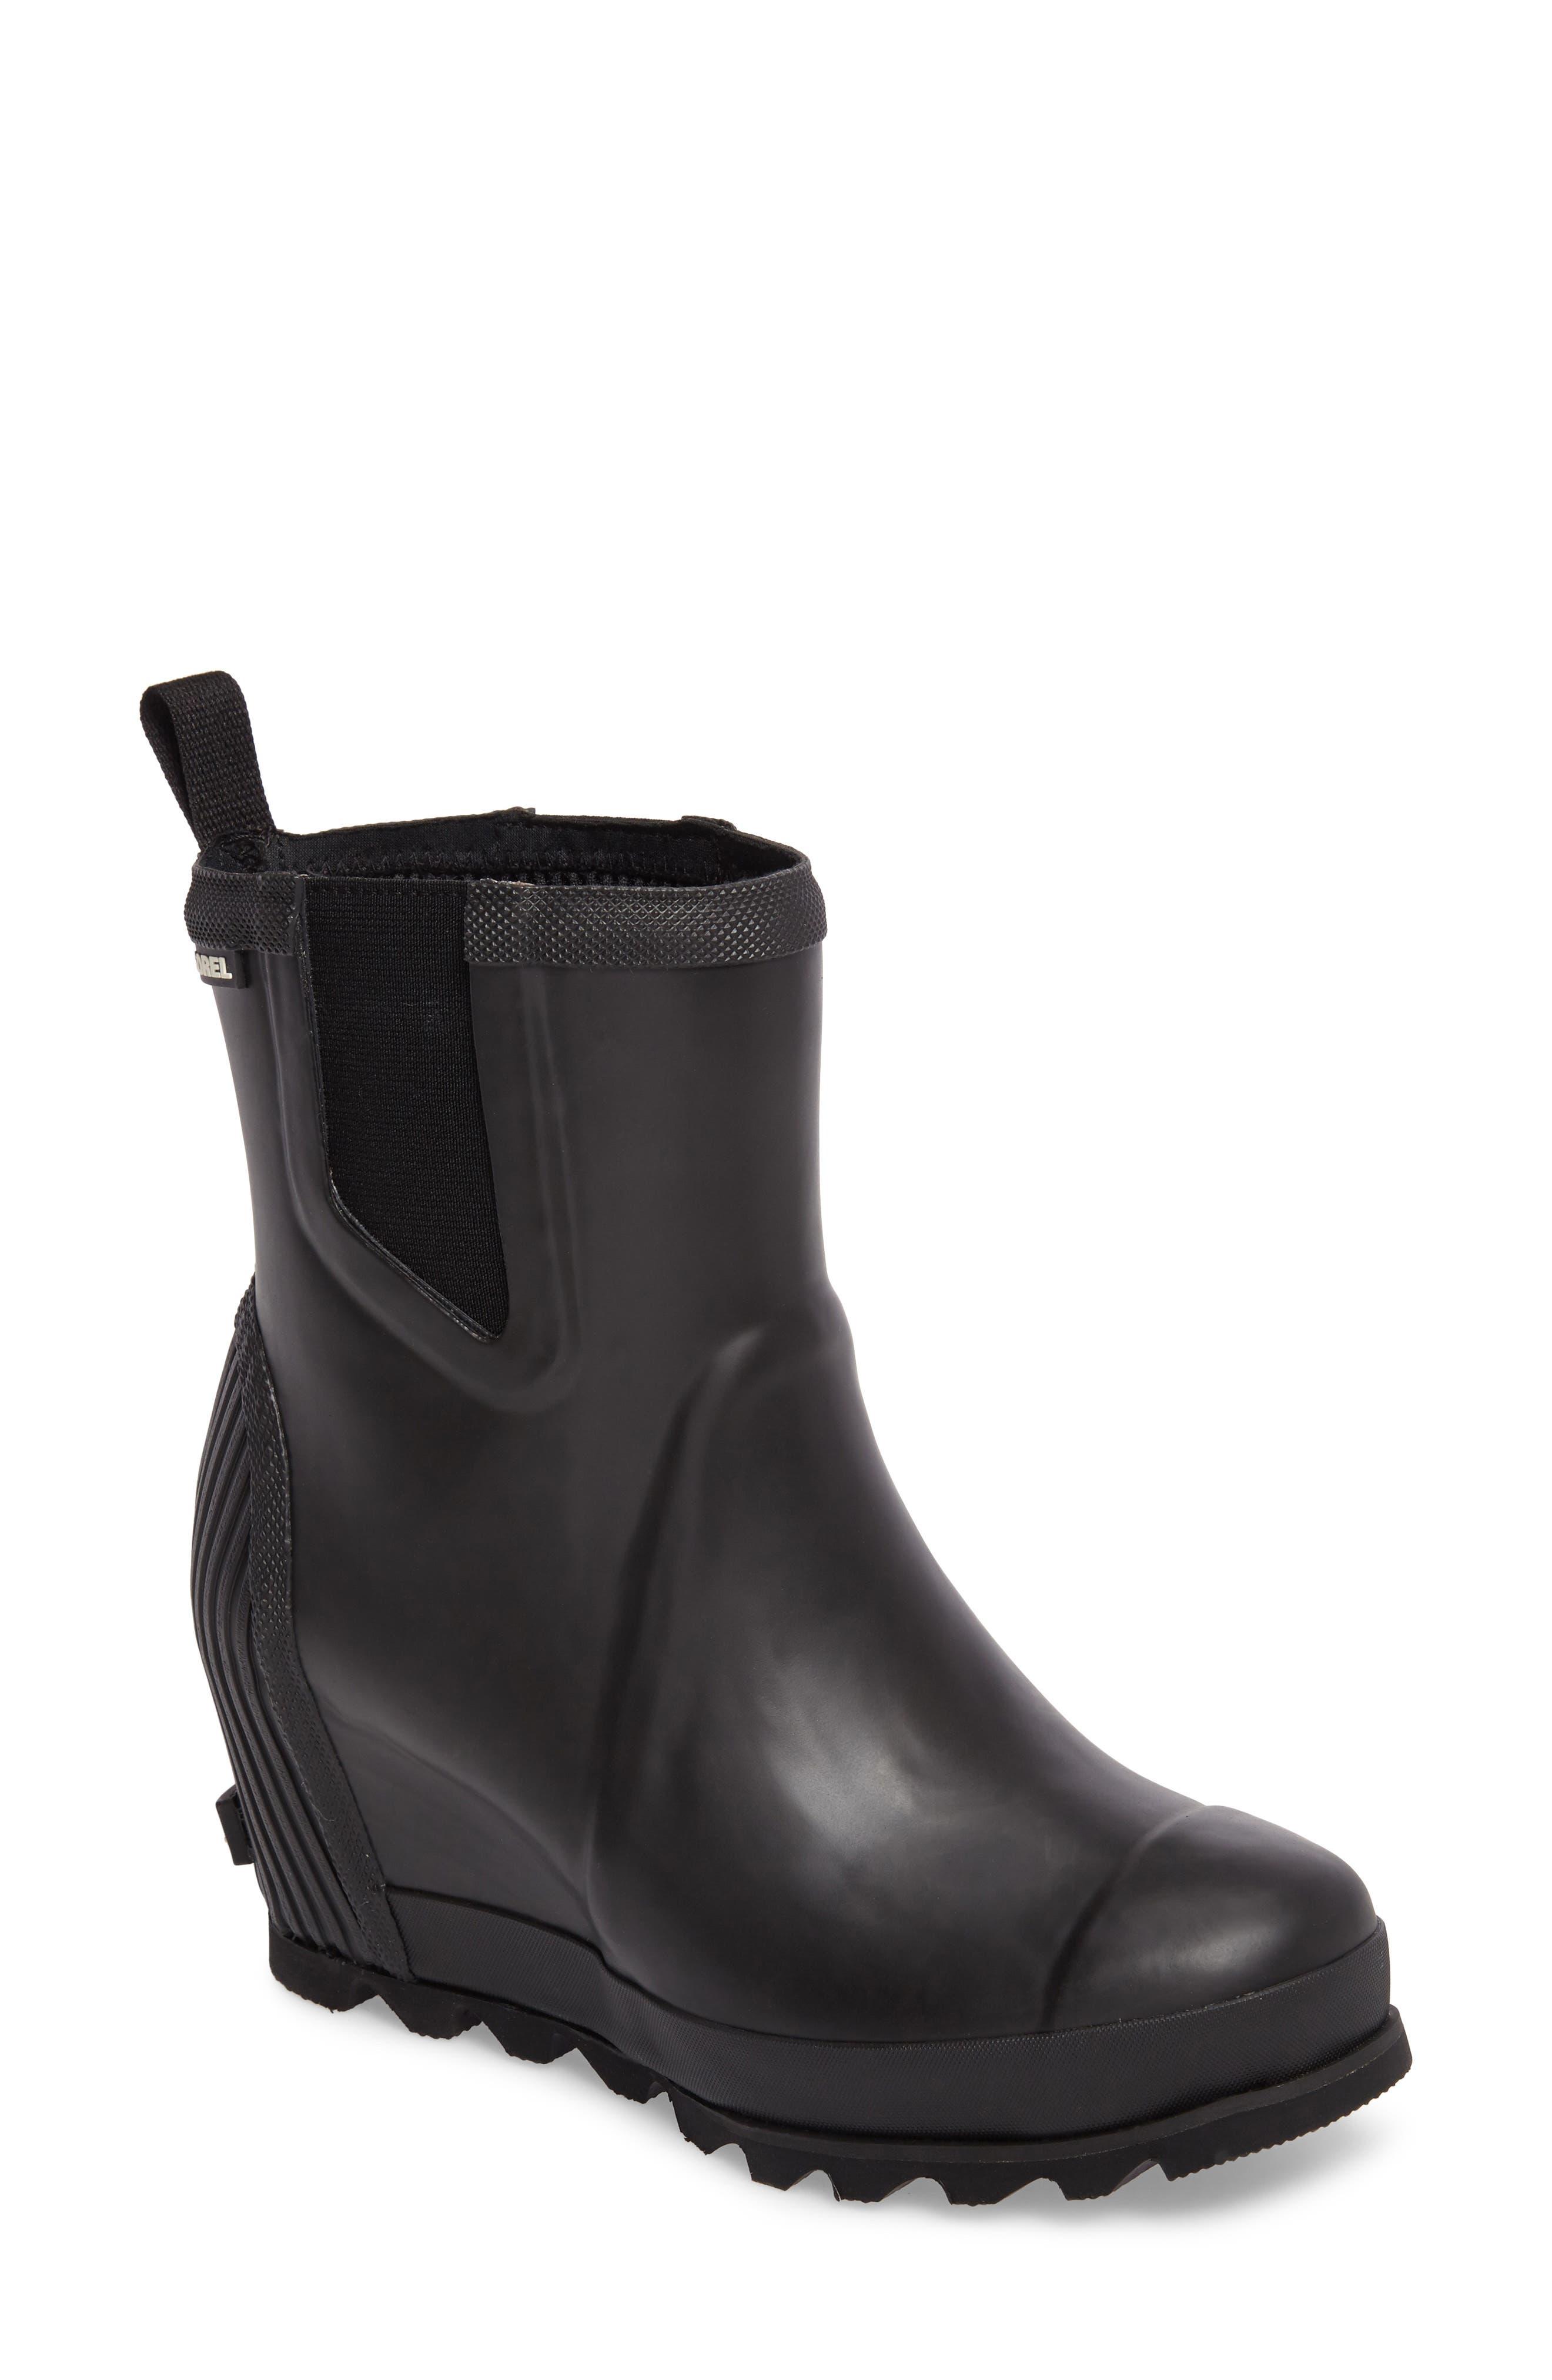 SOREL Joan of Arctic<sup>™</sup> Wedge Chelsea Rain Boot, Main, color, 010